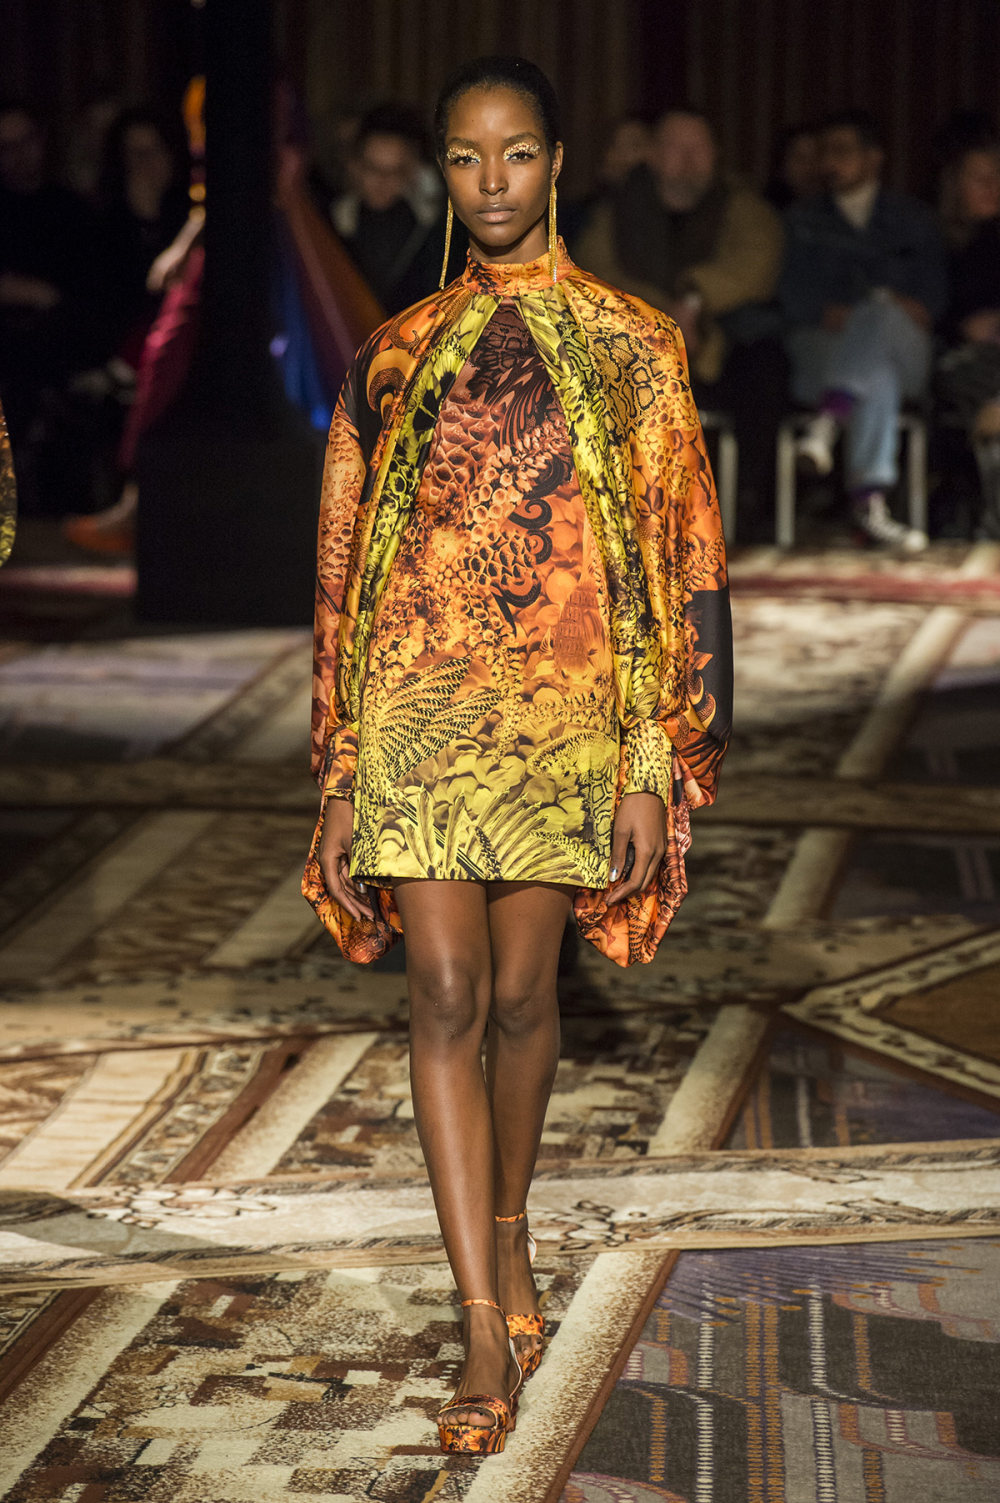 Halpern时装系列将幻想印花应用于宽大的缎面外套展示垂褶技巧-31.jpg